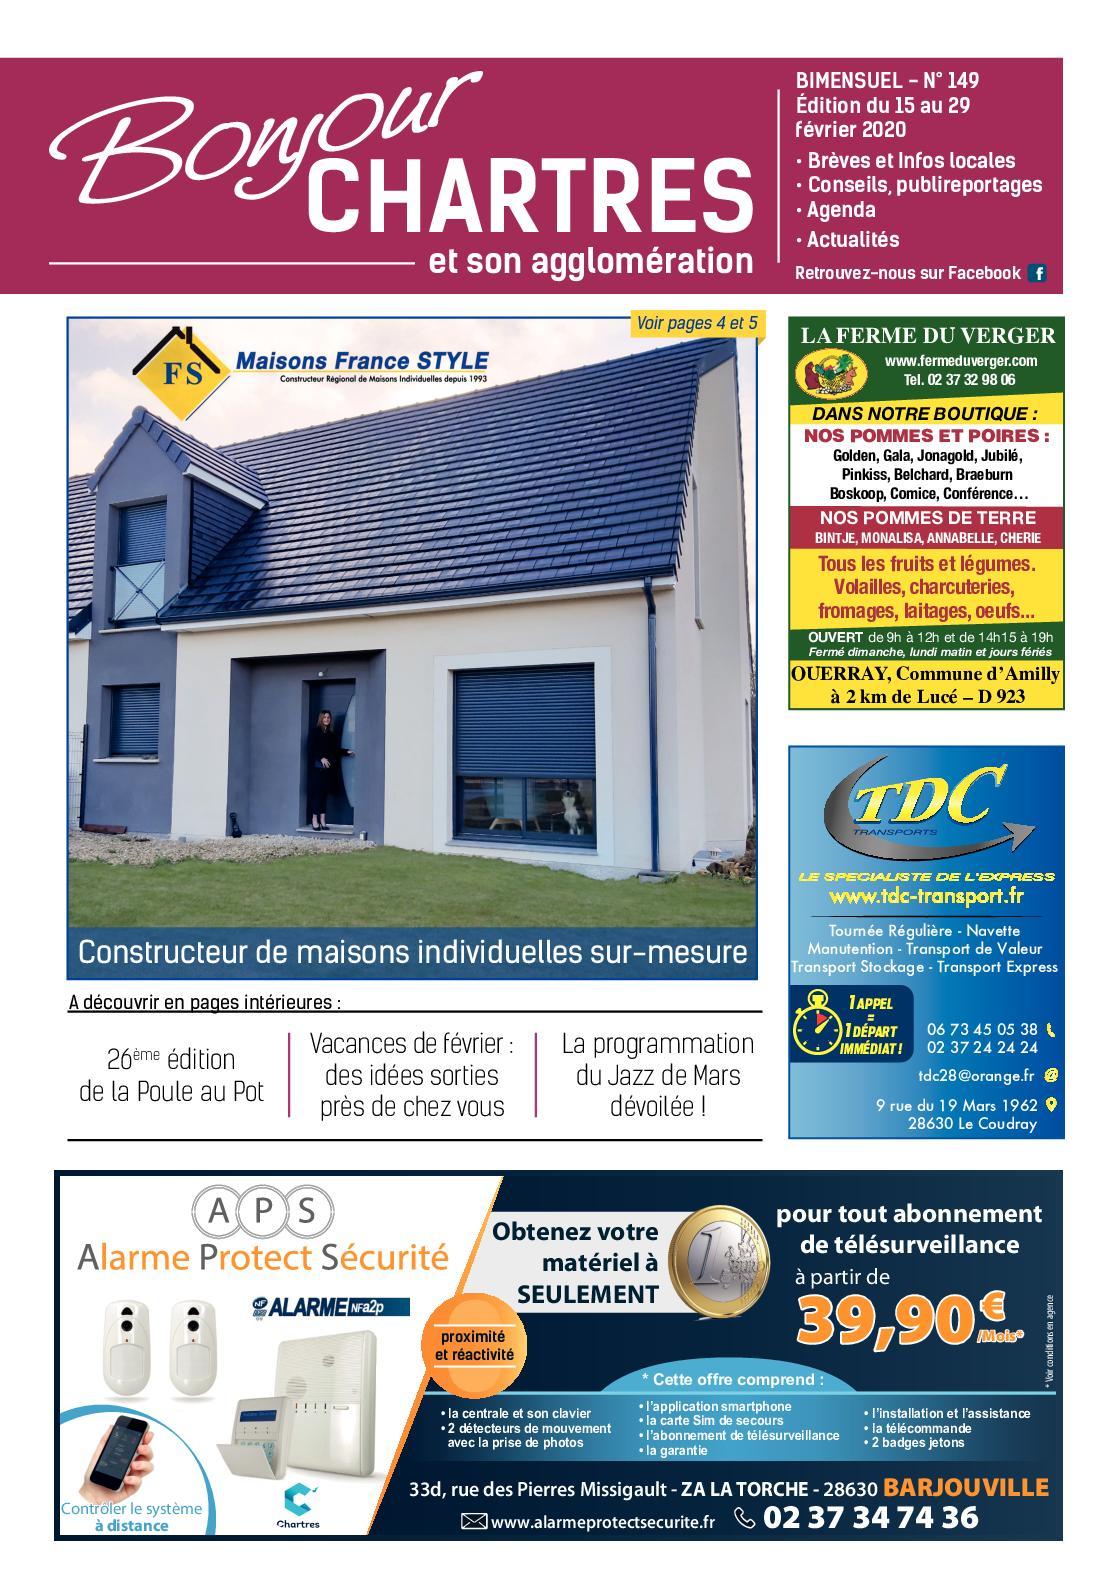 Constructeur De Maison Chartres calaméo - bonjour chartres n°149